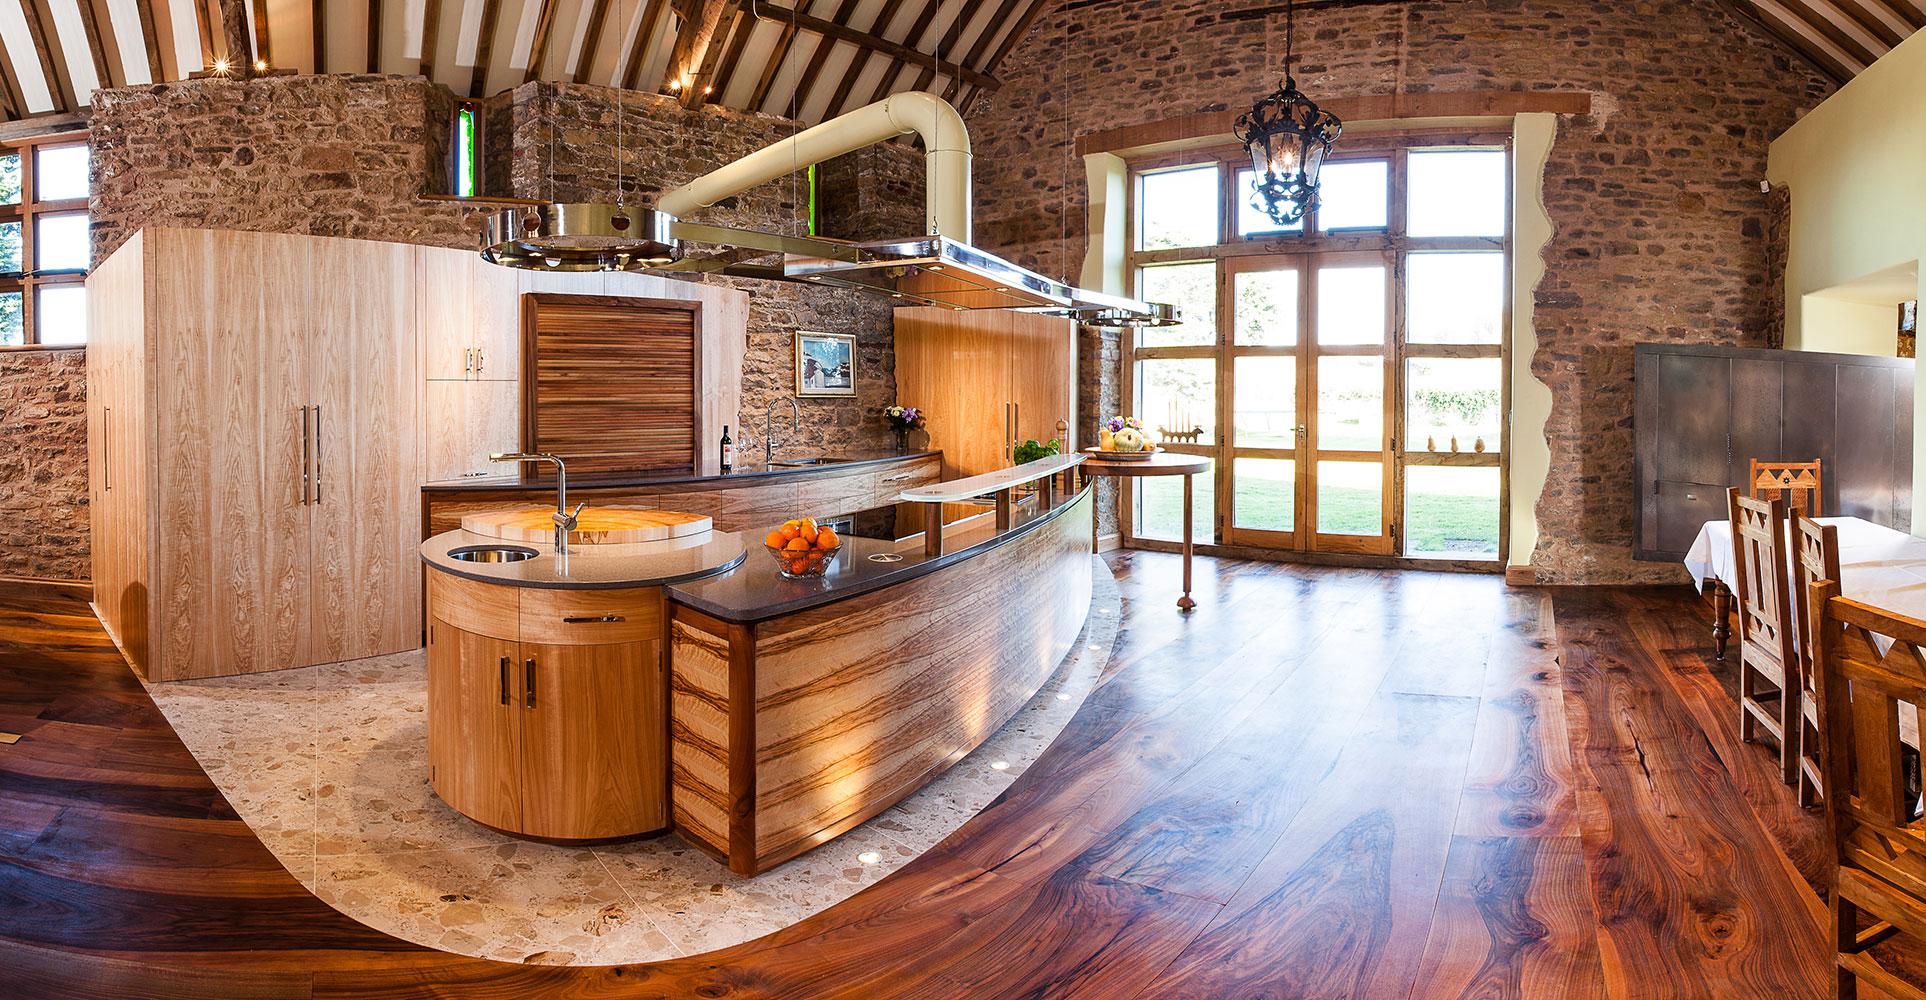 kitchen design kitchen architecture design inspiration ideas ideas design interior open kitchen design with wooden floors installations open kitchen design layout ideas